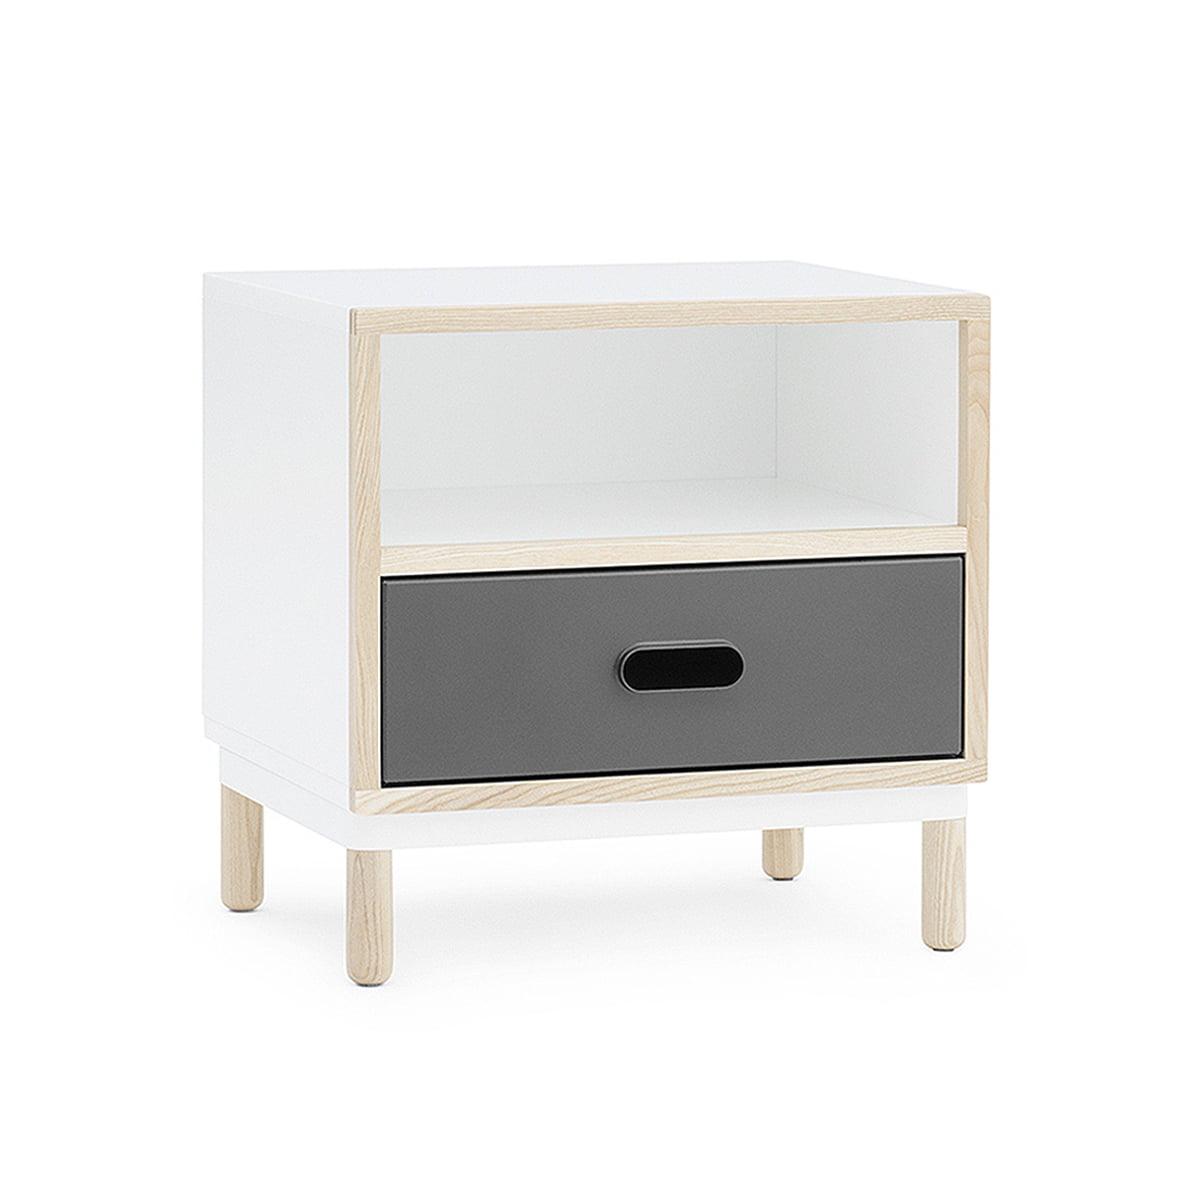 kabino nachttisch von normann copenhagen. Black Bedroom Furniture Sets. Home Design Ideas